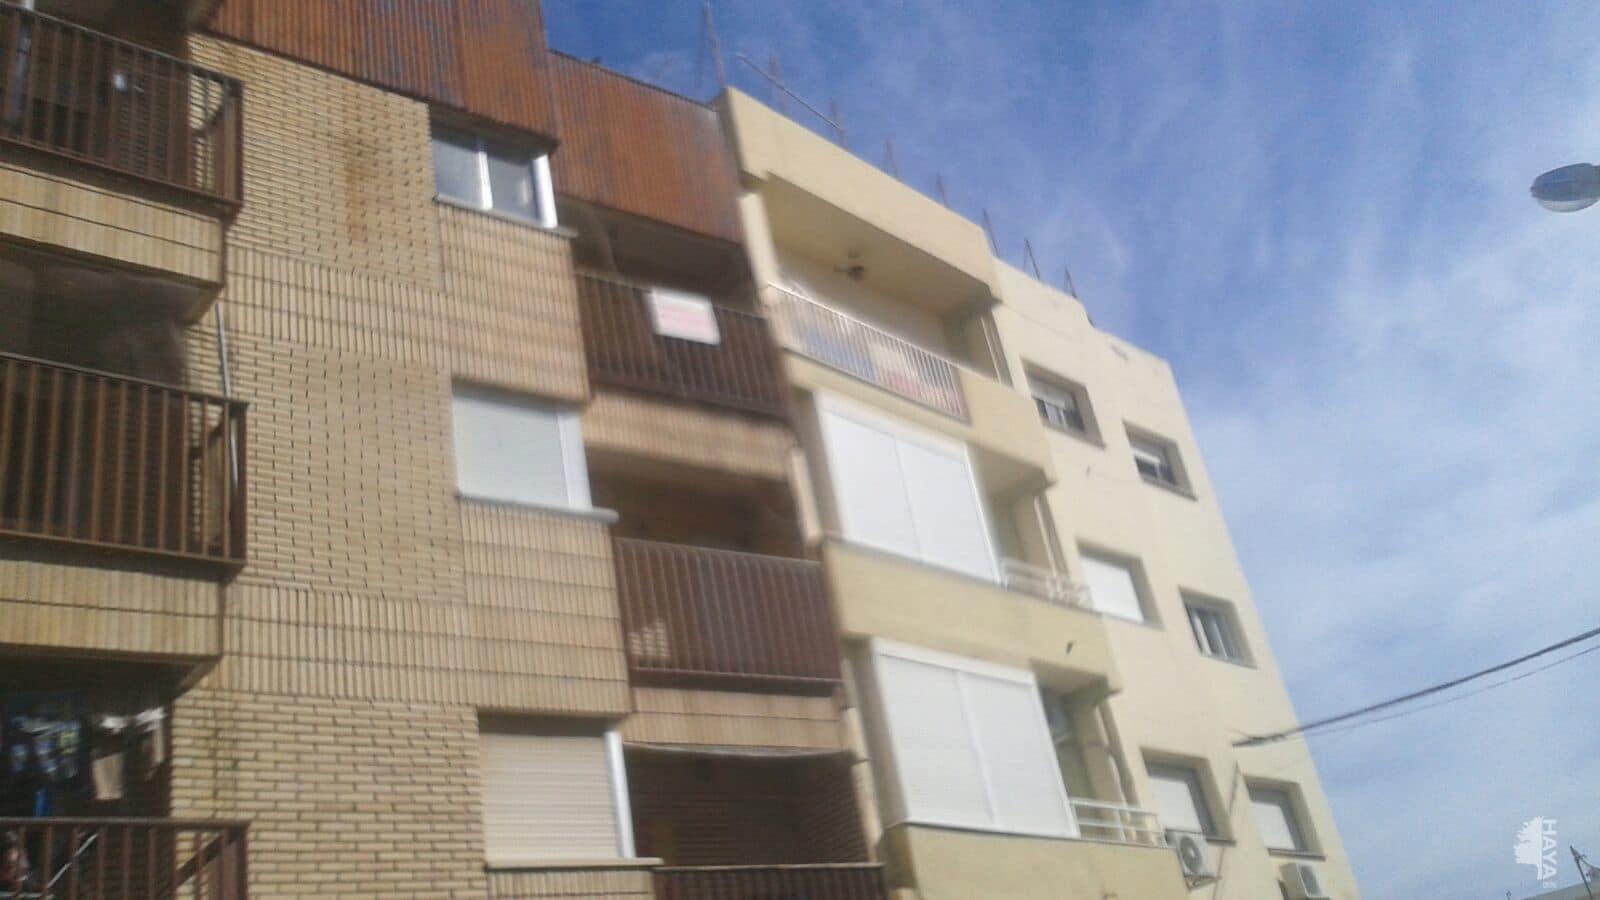 Piso en venta en Pulpí, Almería, Calle Andalucia, 74.200 €, 3 habitaciones, 2 baños, 115 m2